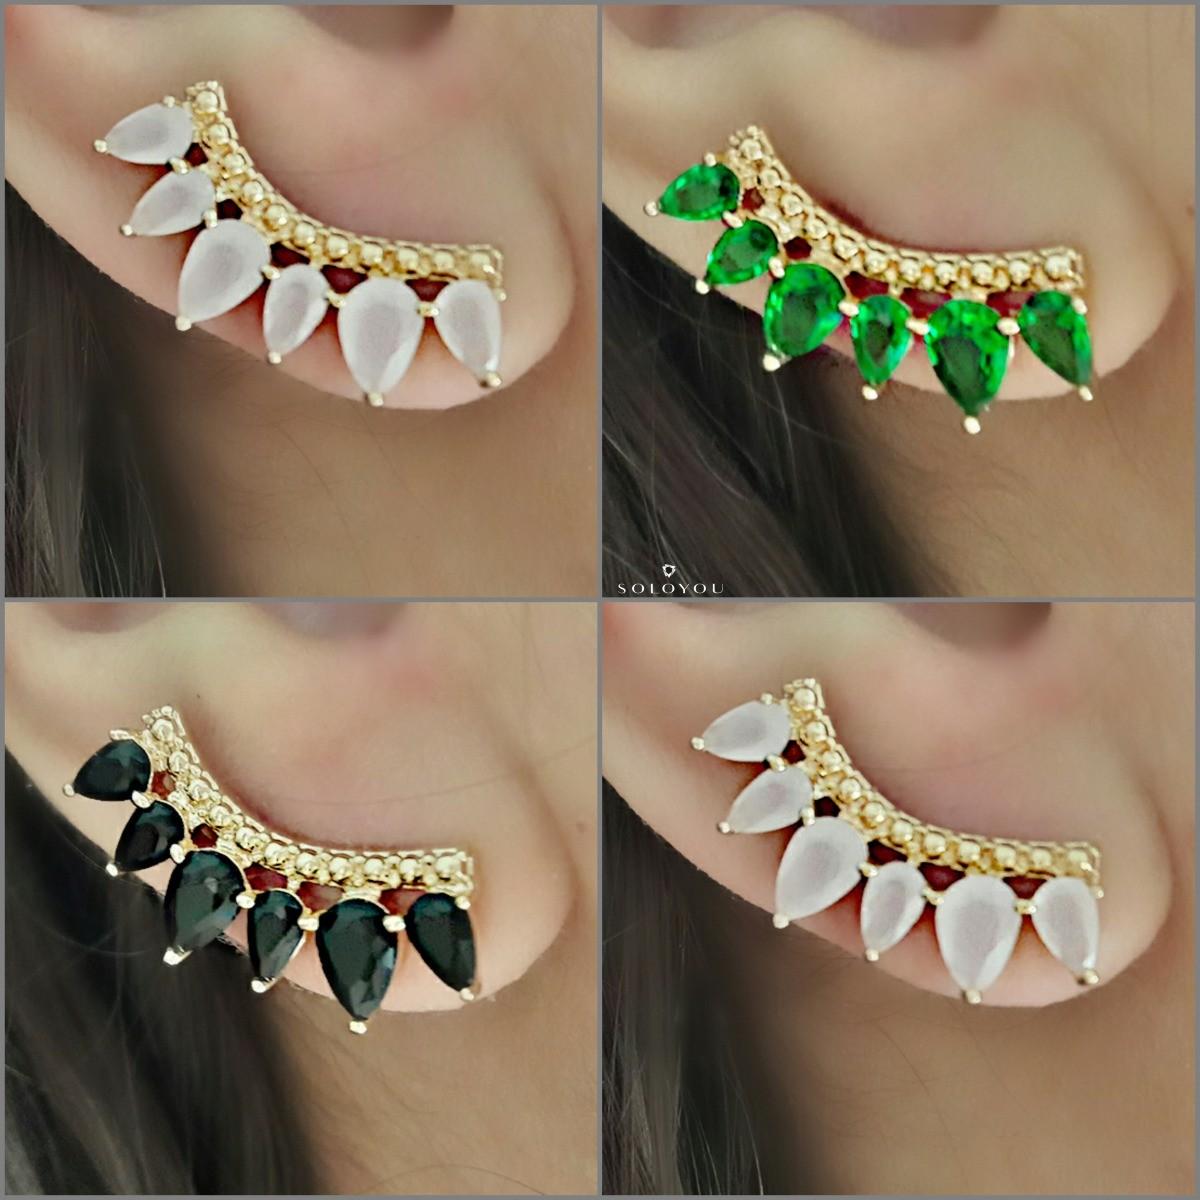 Brinco Ear Cuff de Zircônia Esmeralda Semijoia Ouro 18K  - Soloyou